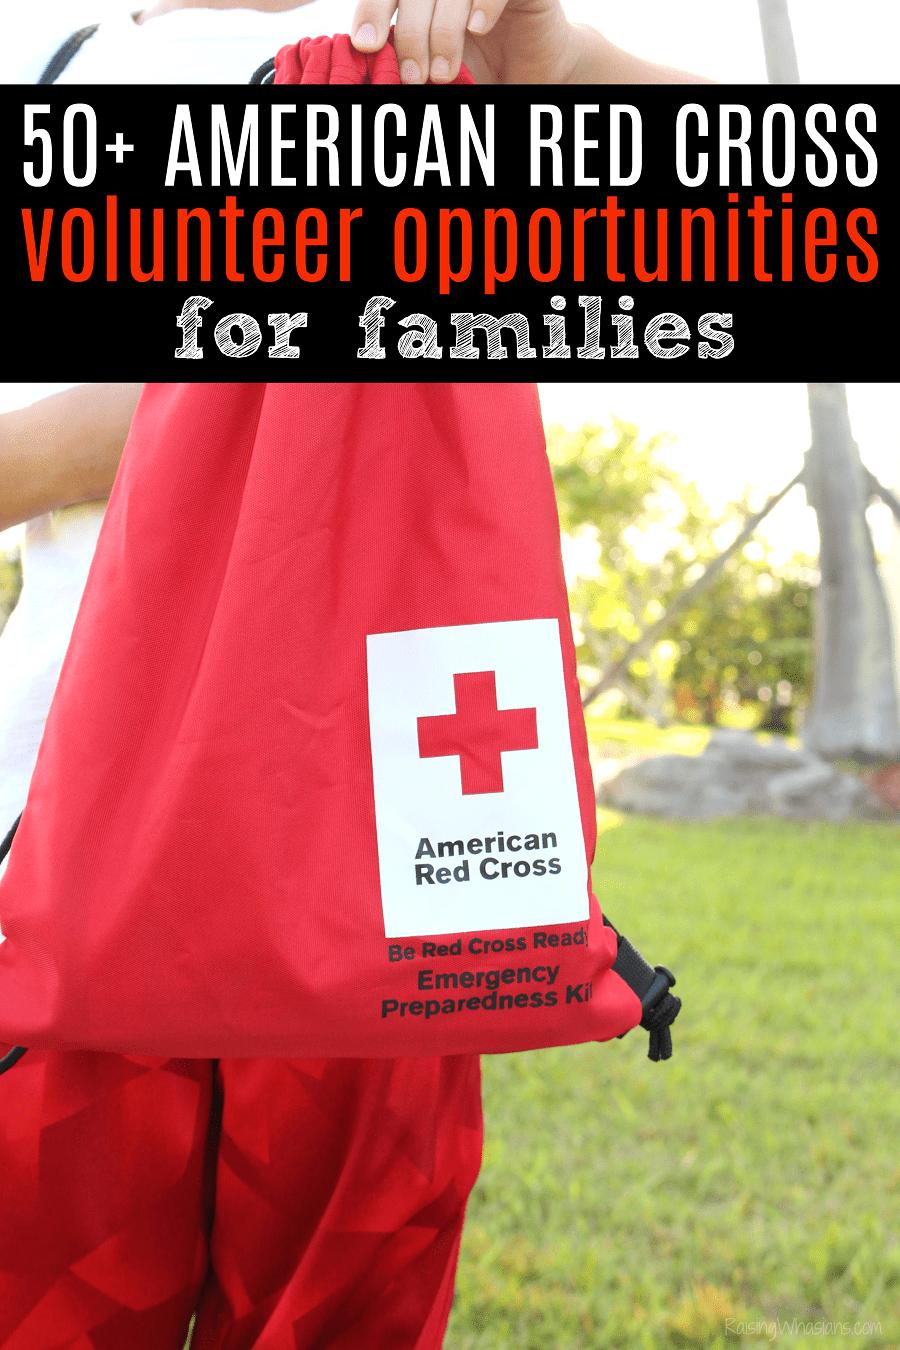 Red cross volunteer opportunities for families